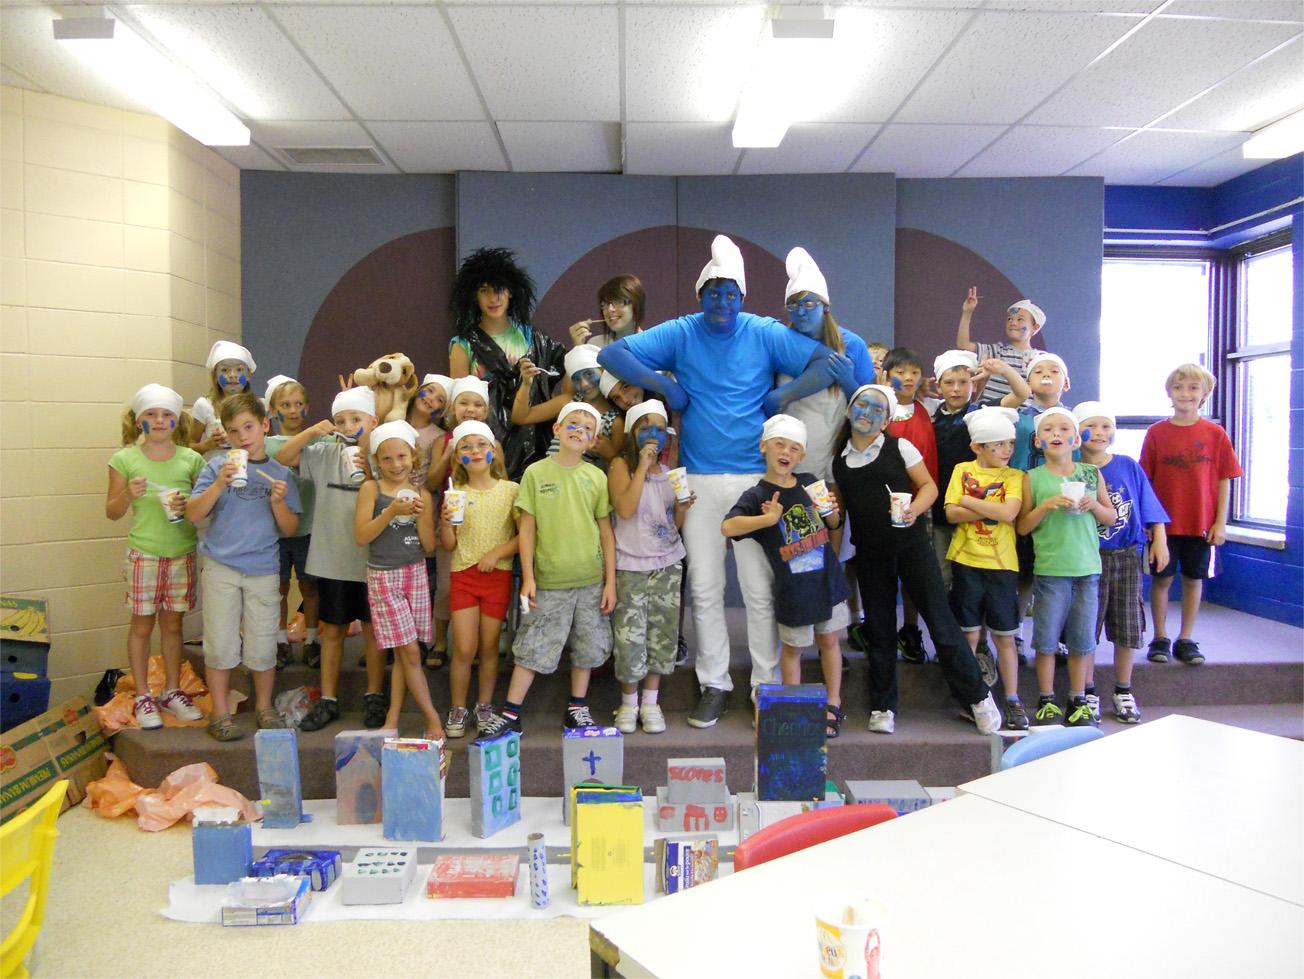 Une groupe d'enfants déguisés pour une activité du camp de jour.